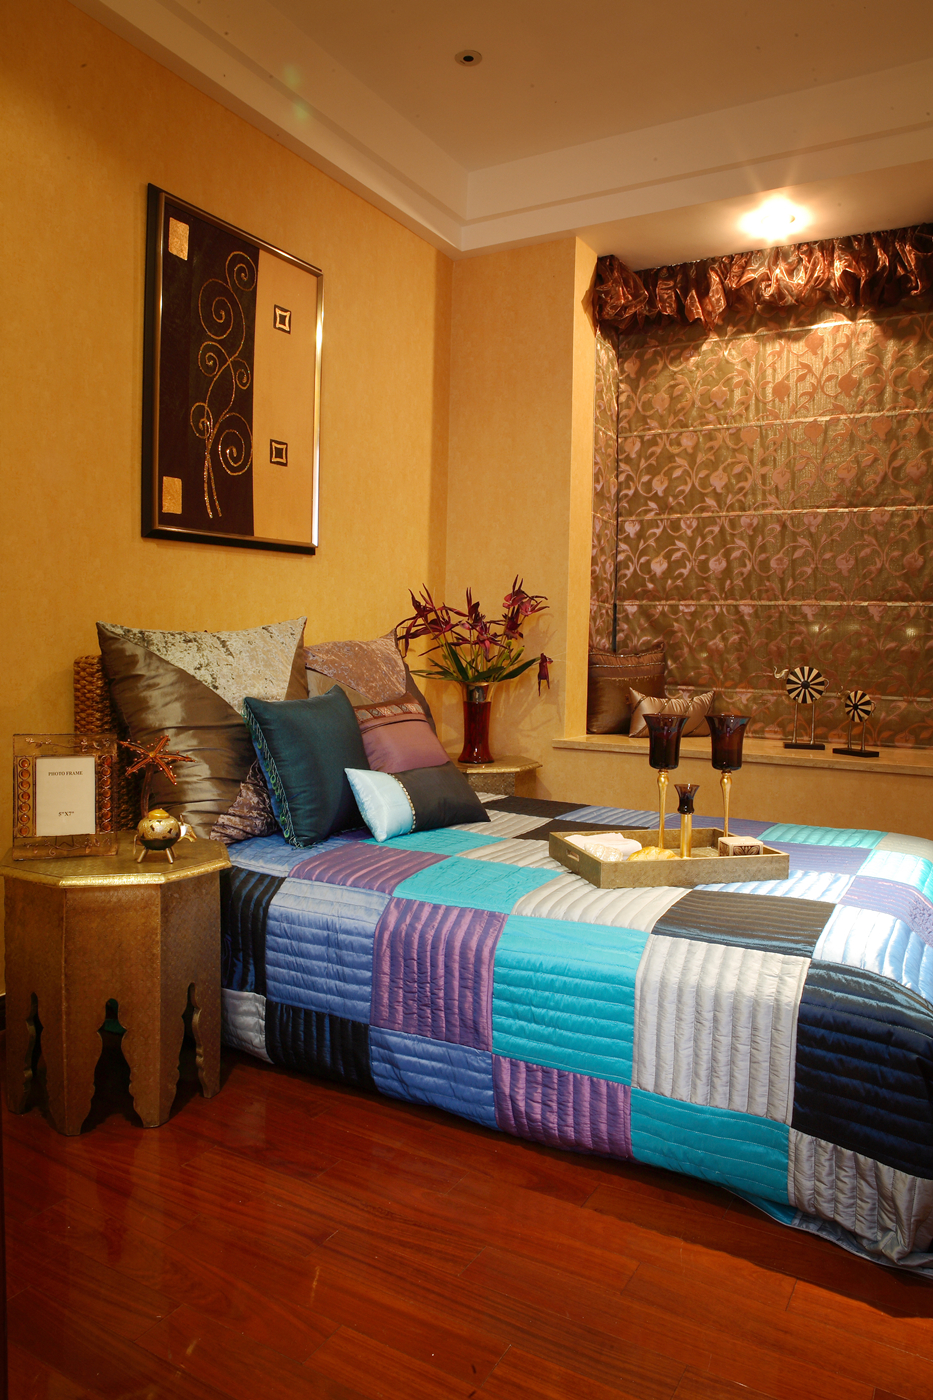 三居 东南亚 卧室图片来自今朝装饰小阳在律师和广告人的三口之家的分享